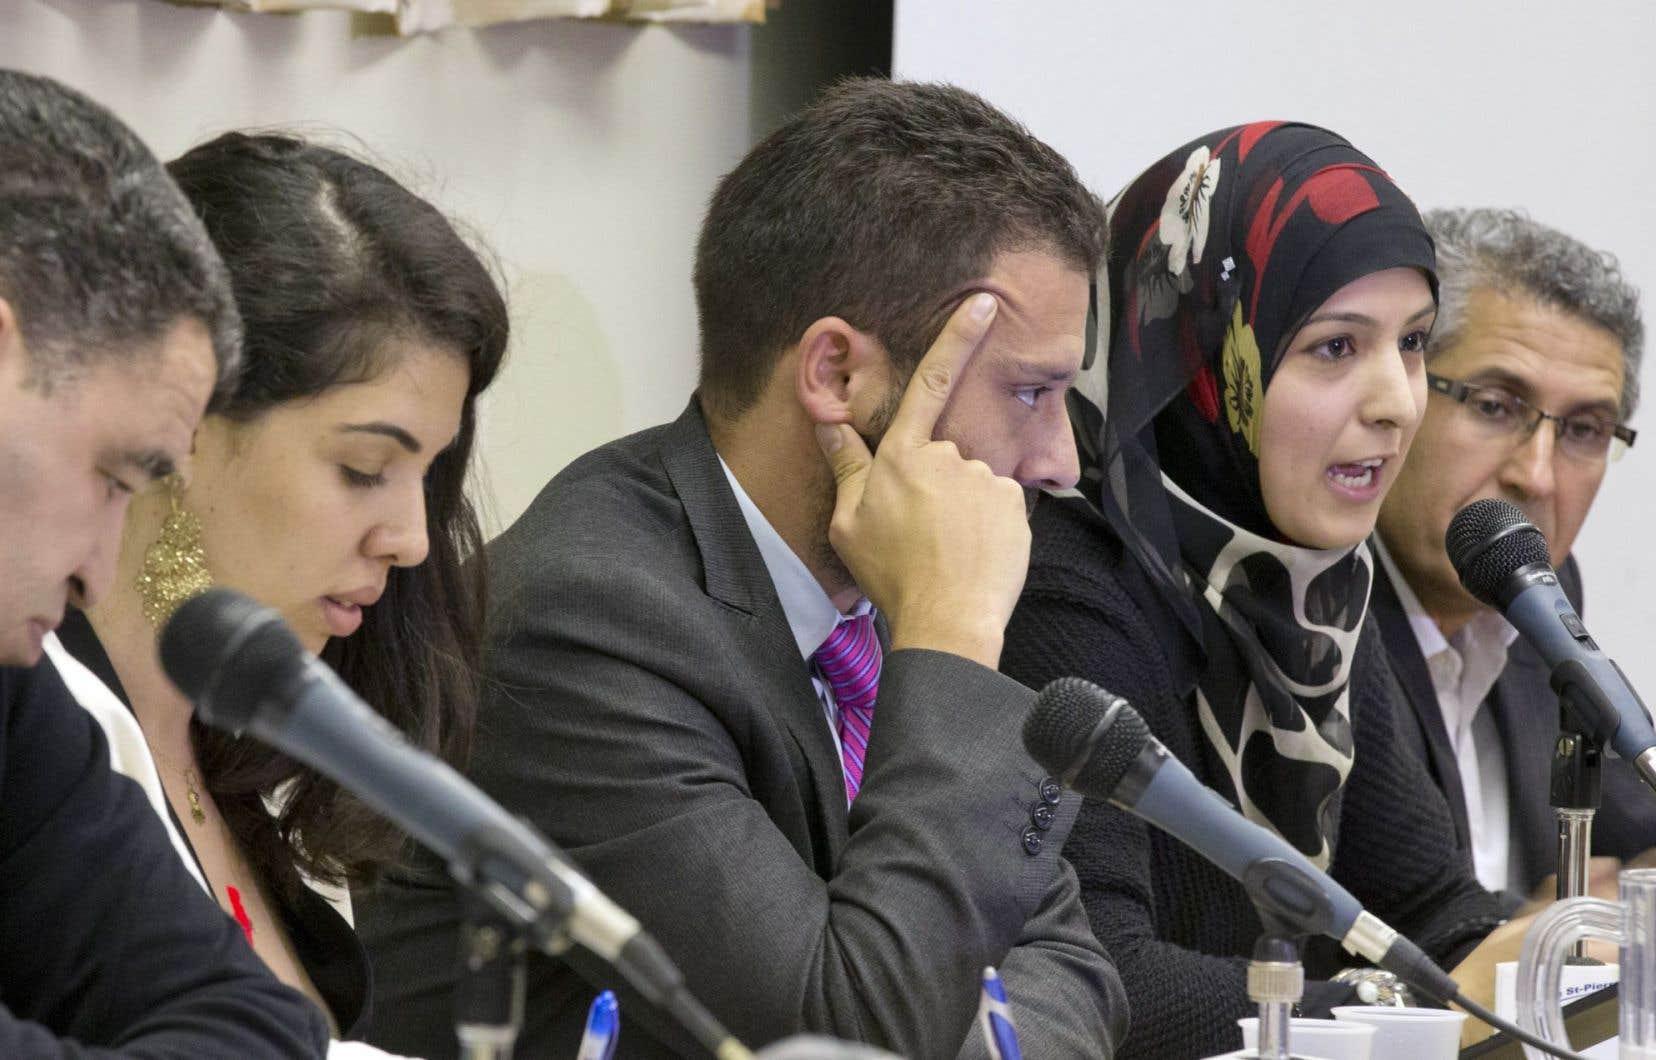 Plusieurs leaders de la communauté étaient réunis lundi soir à Montréal pour réfléchir aux attentats de la dernière semaine.